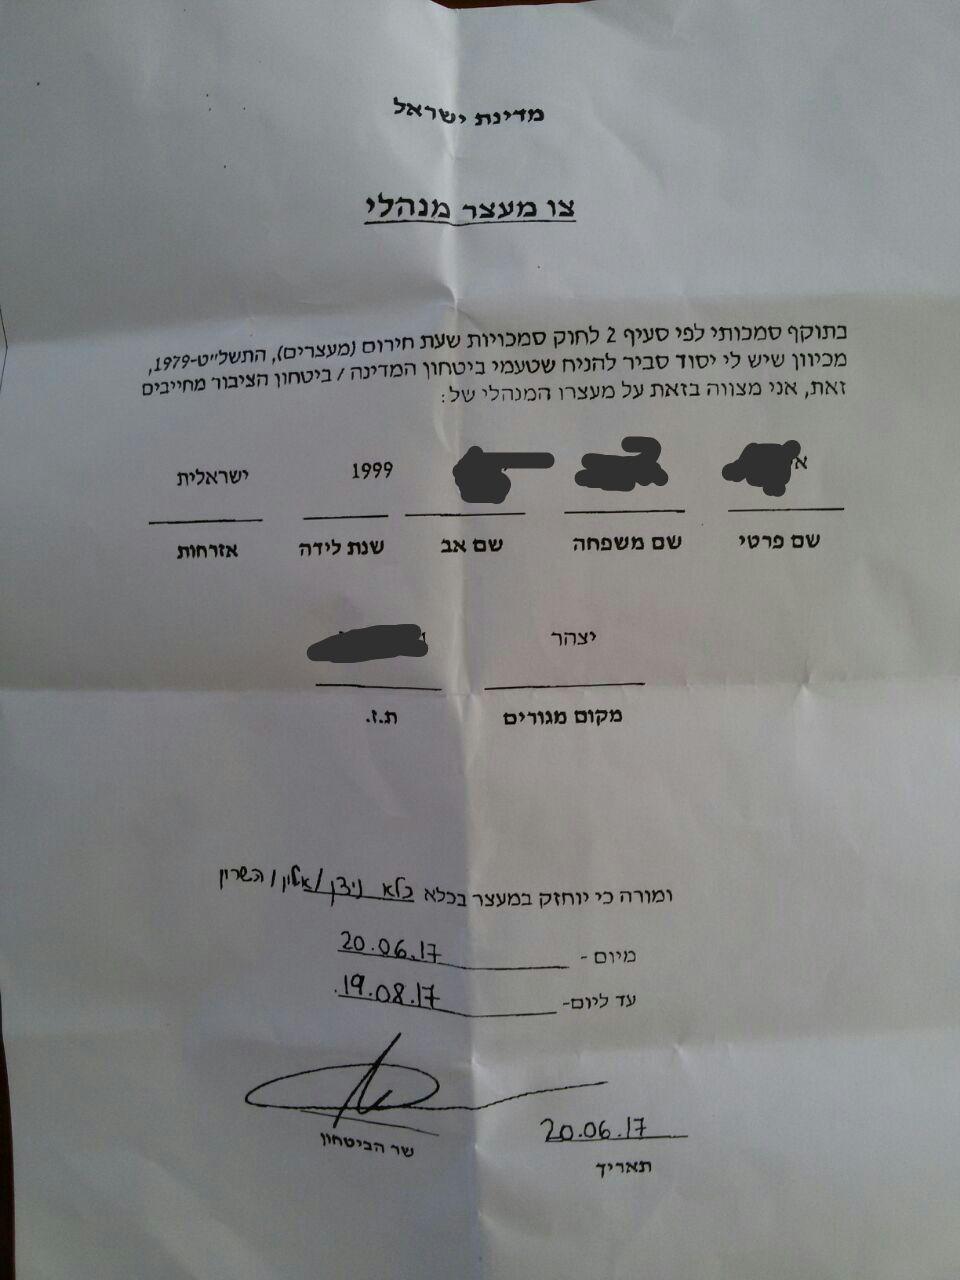 מעצר מנהלי לצעיר יהודי